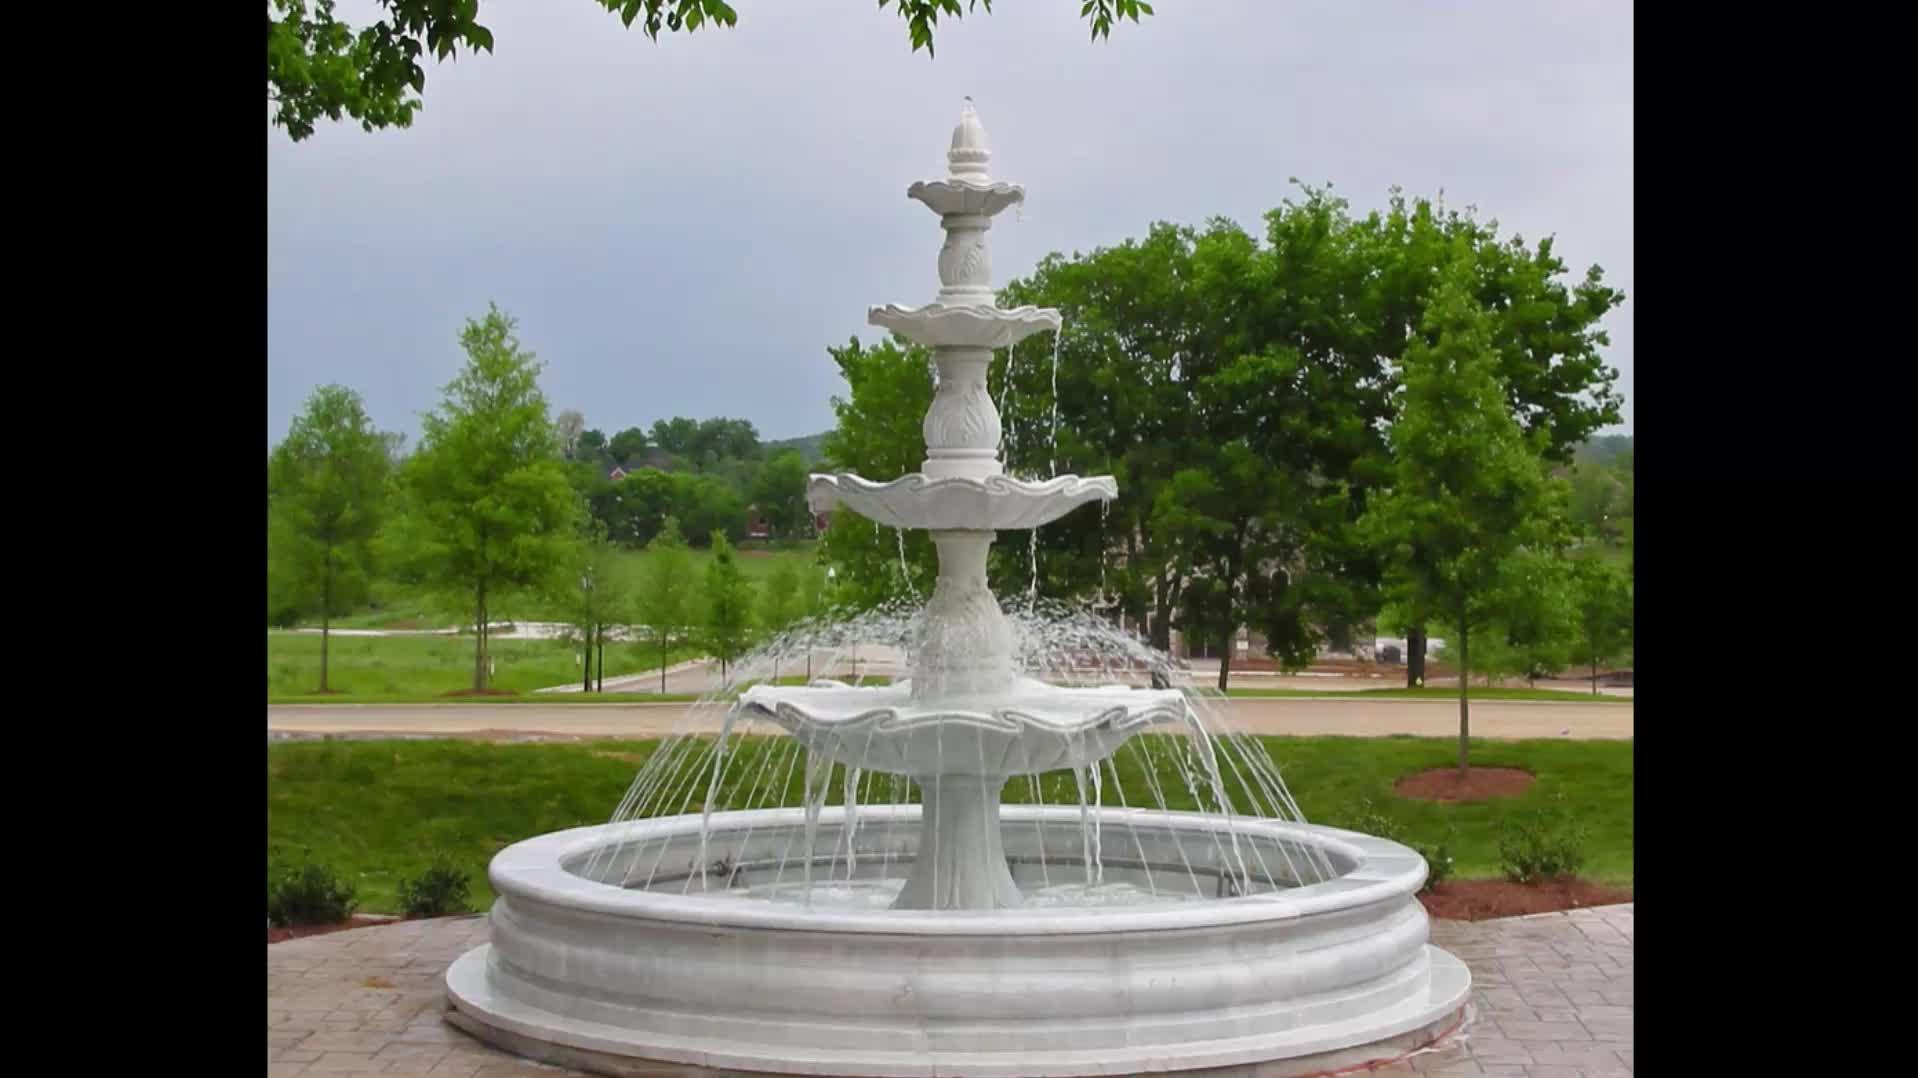 Outdoor marmo made fontana di acqua con lions sculture